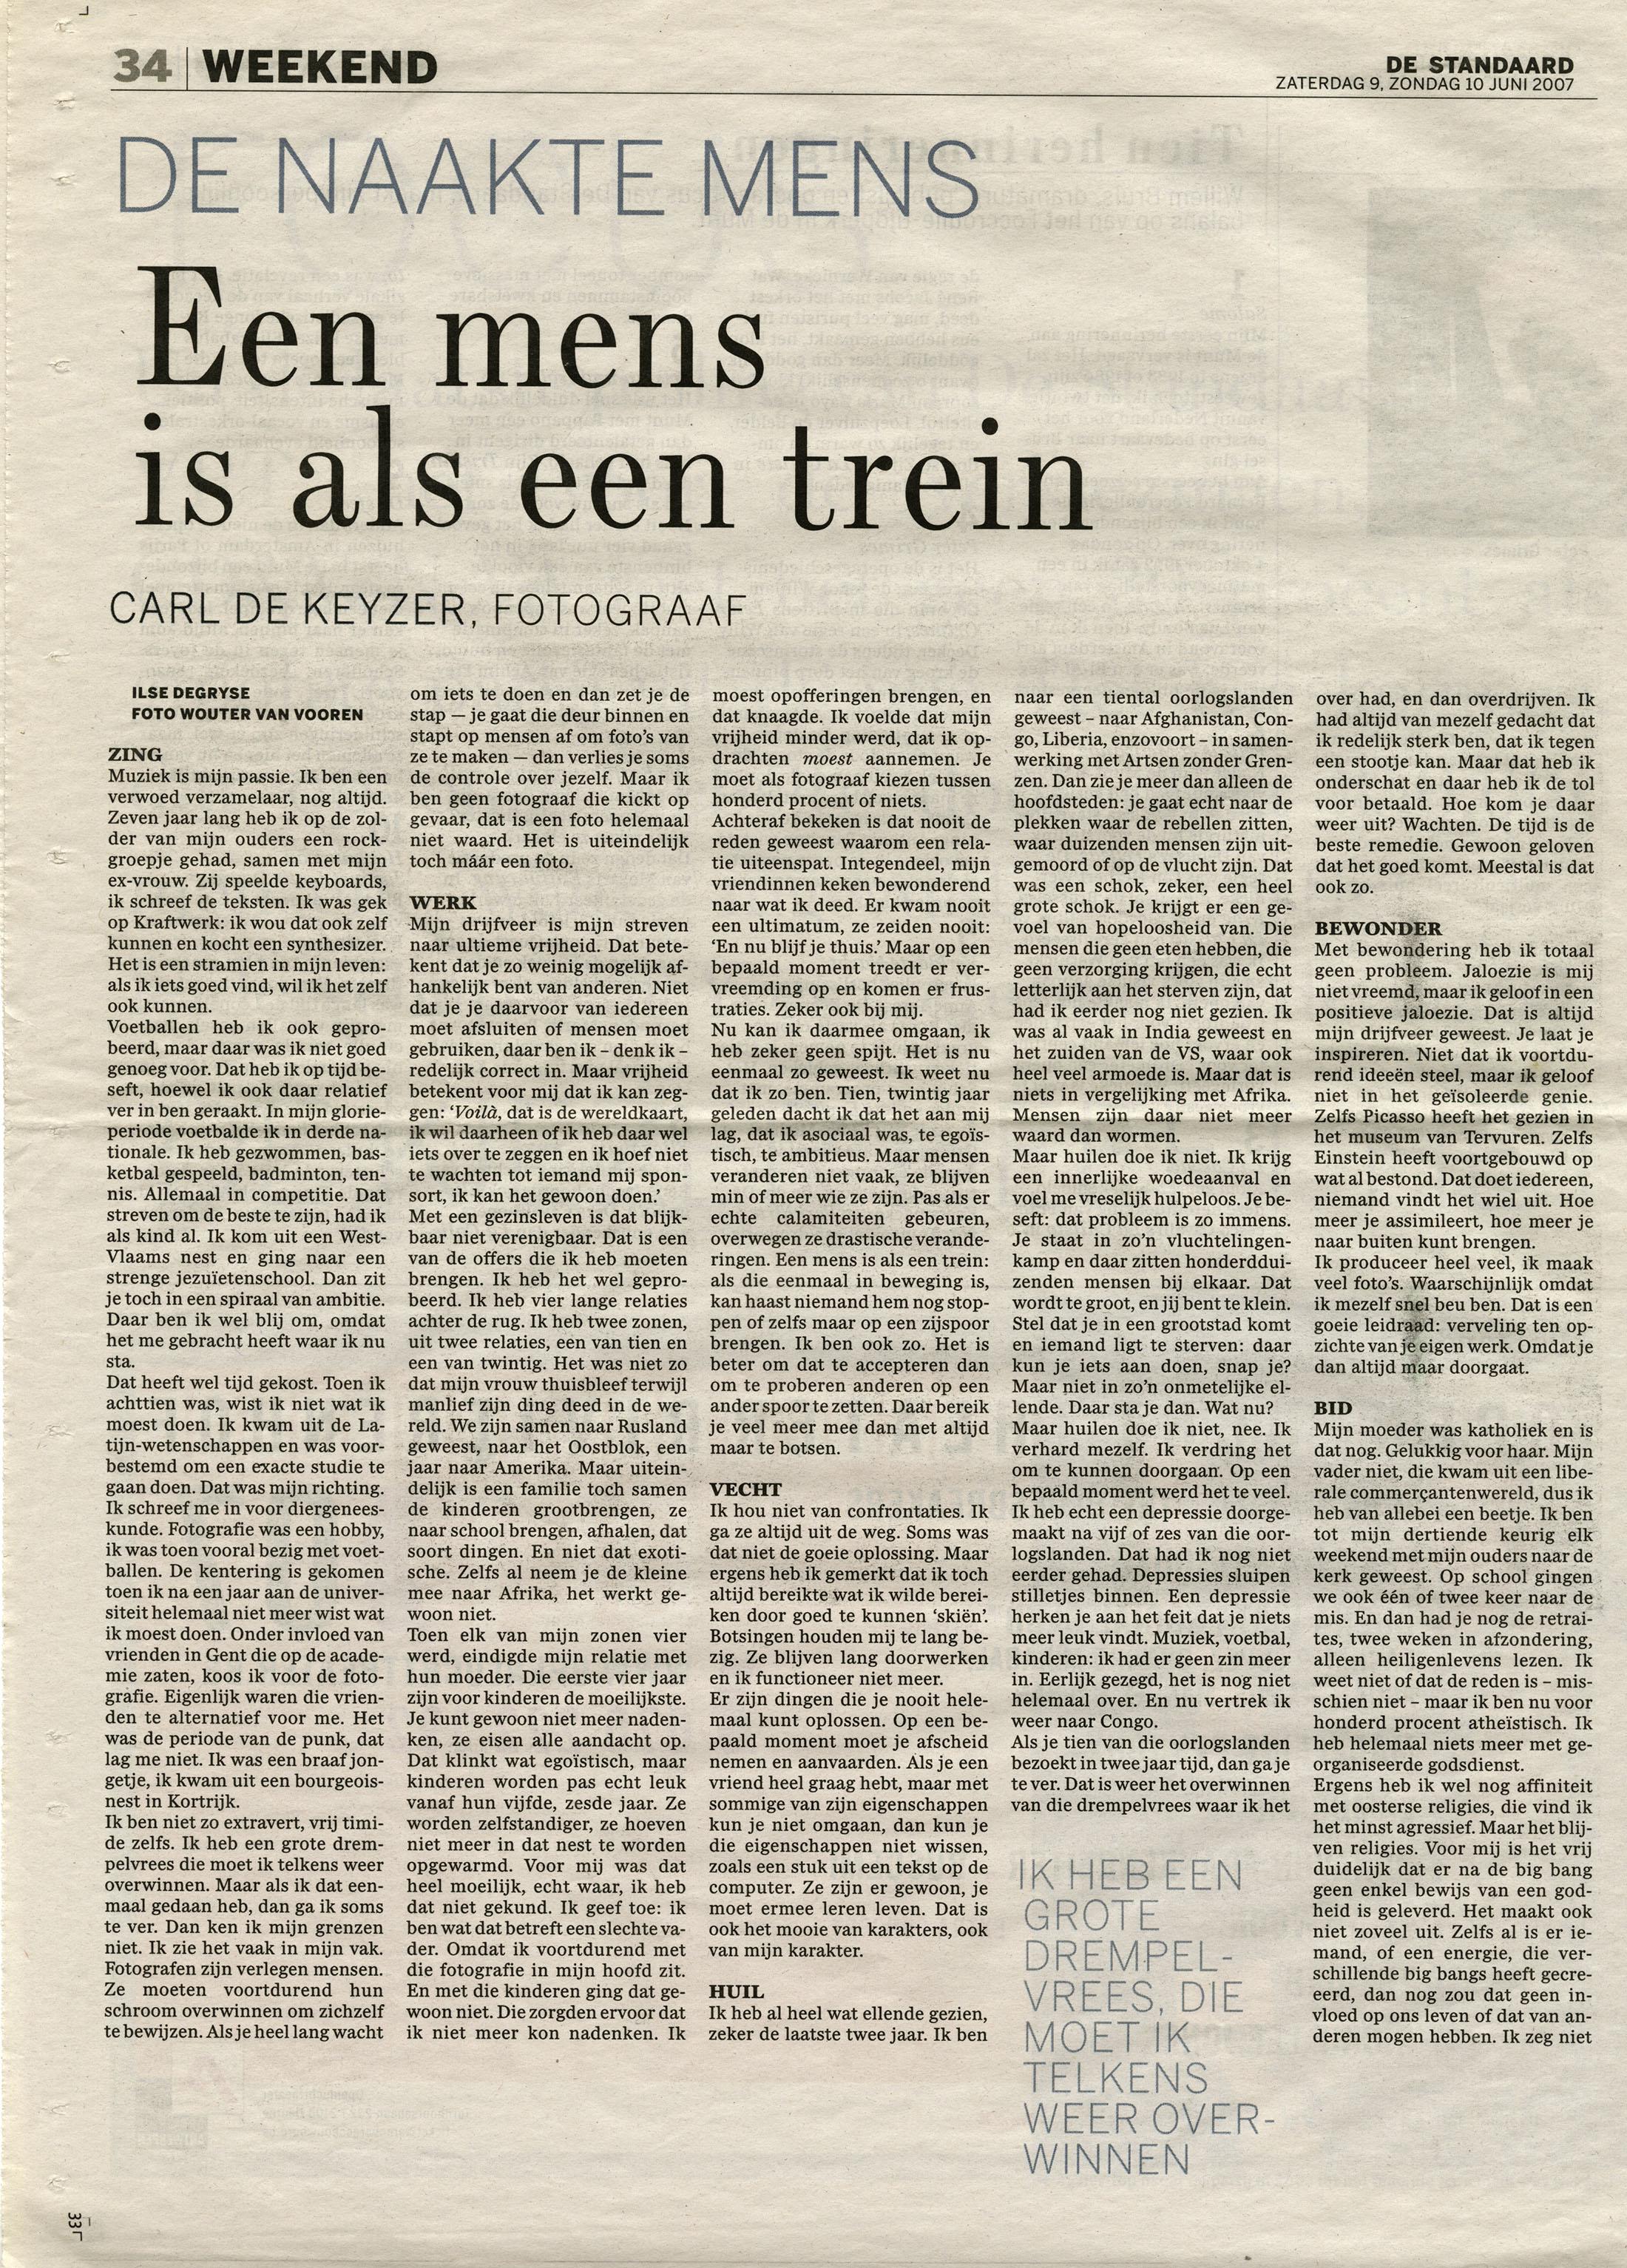 De Standaard (interview)